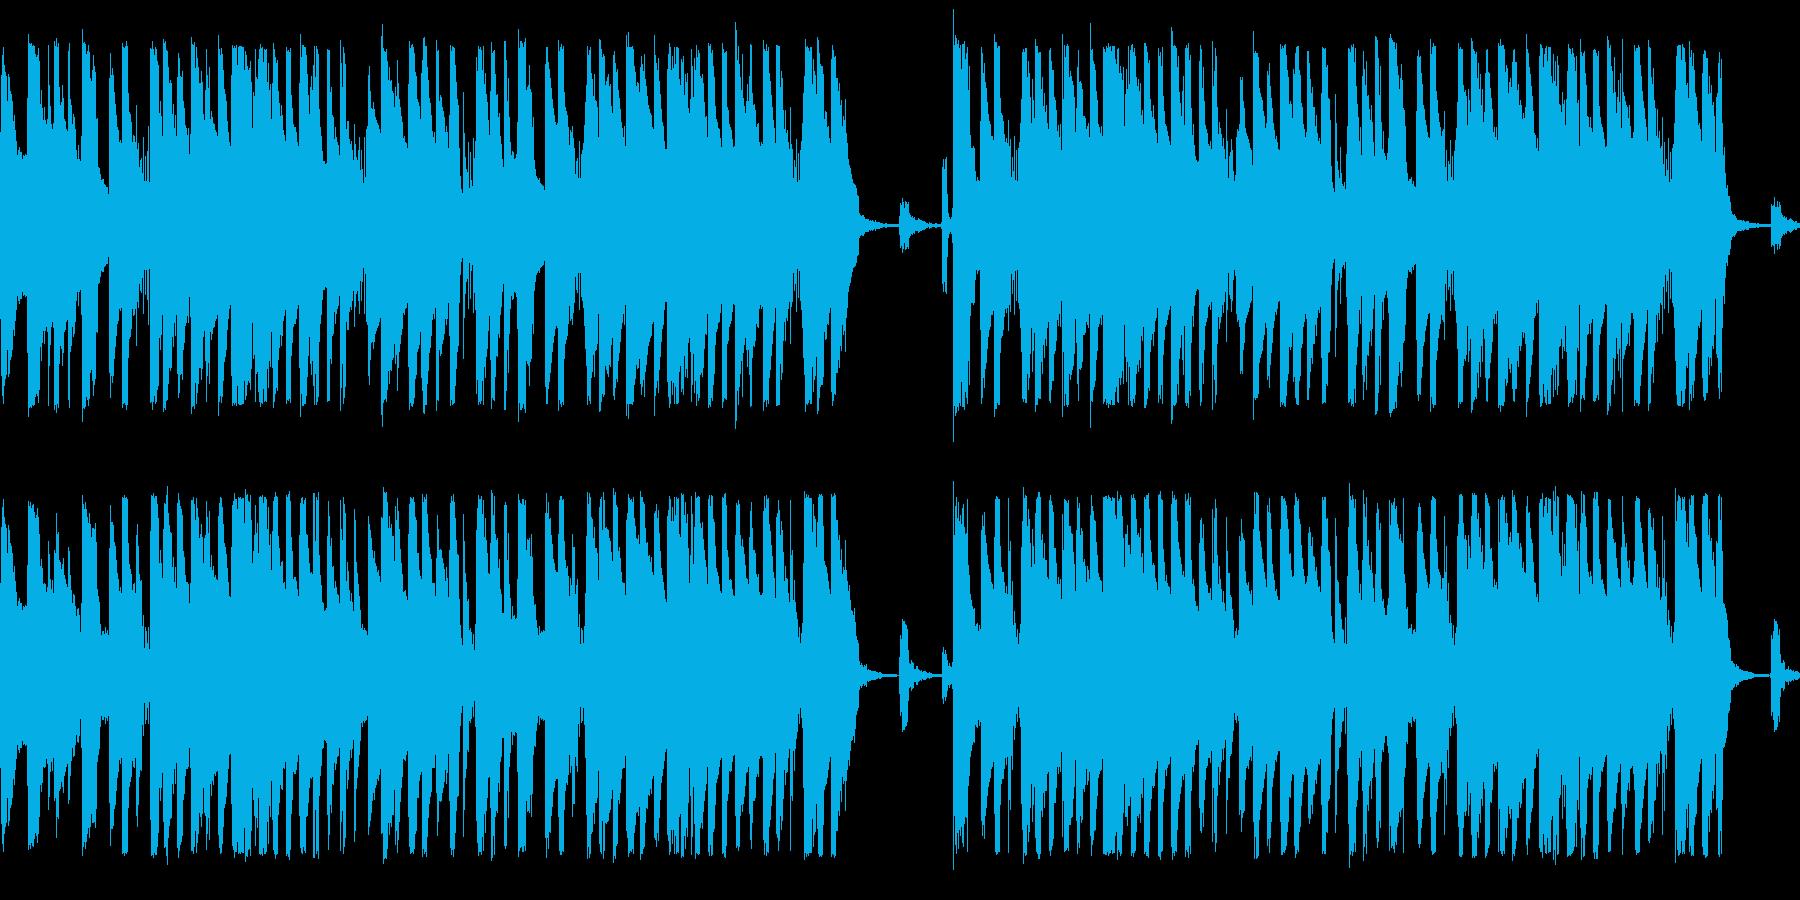 呑気なラテンリズム風のループ素材の再生済みの波形